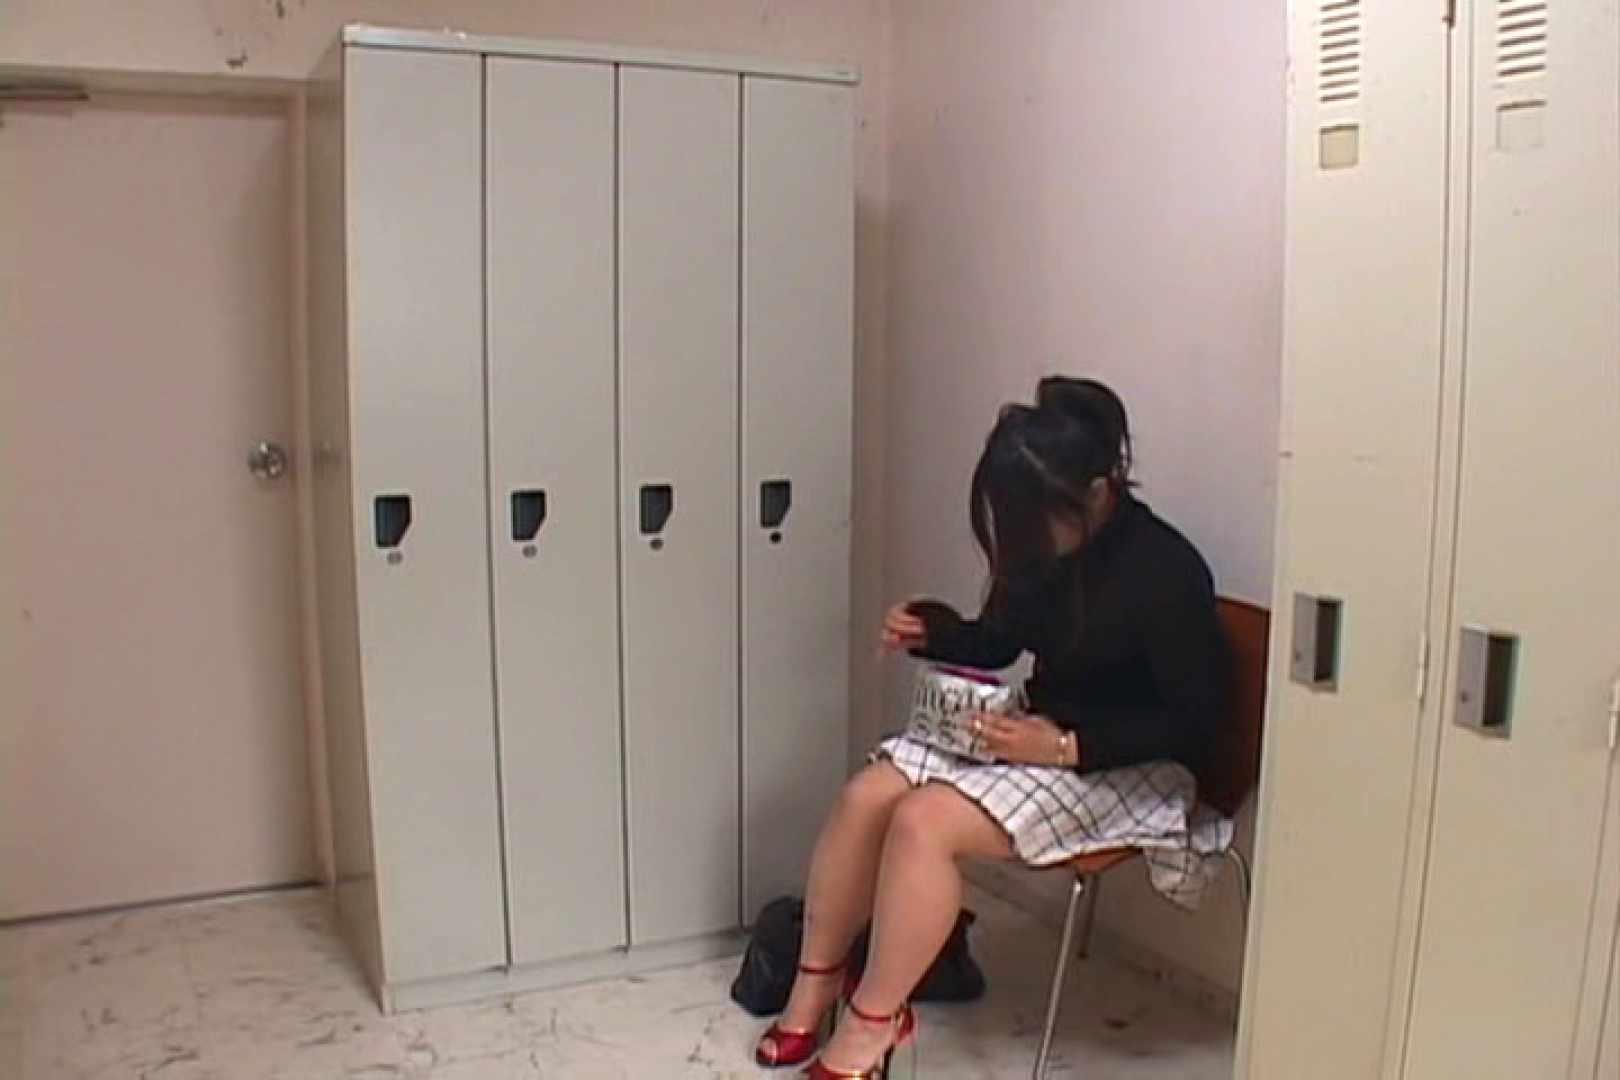 キャバ嬢舞台裏Vol.5 盗撮特集 すけべAV動画紹介 86画像 32